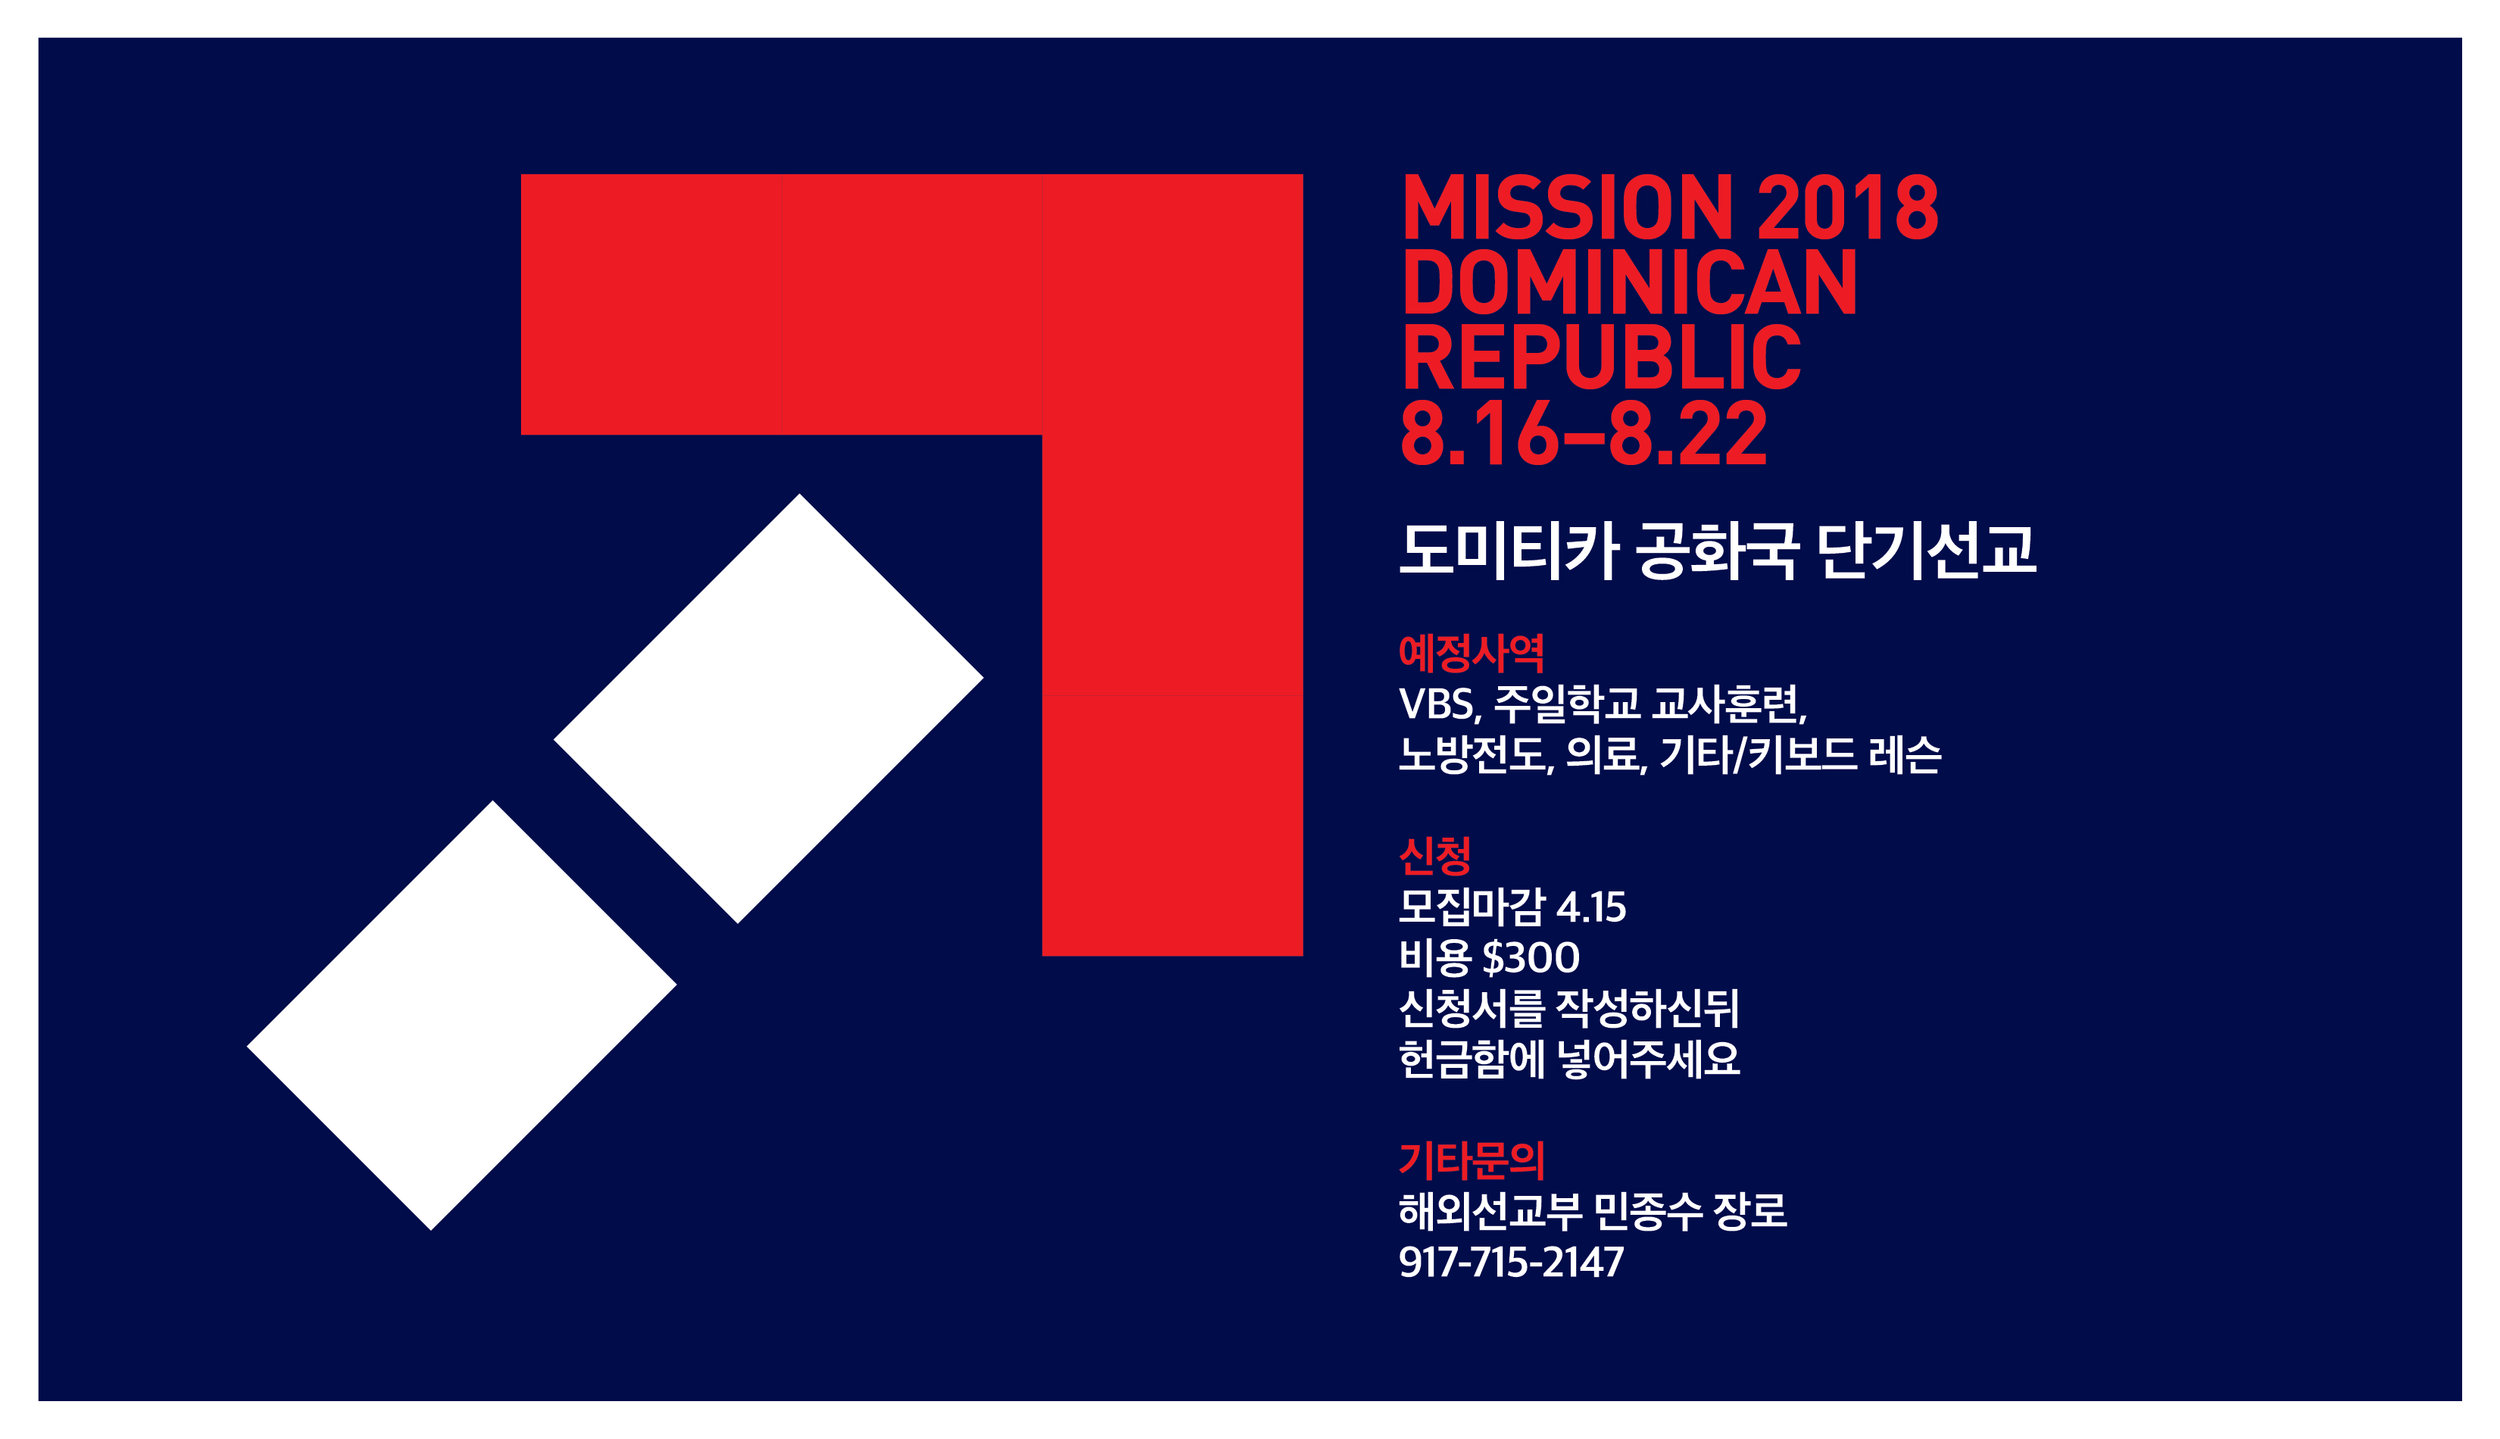 CDNJ_Mission2018_PPT.jpg